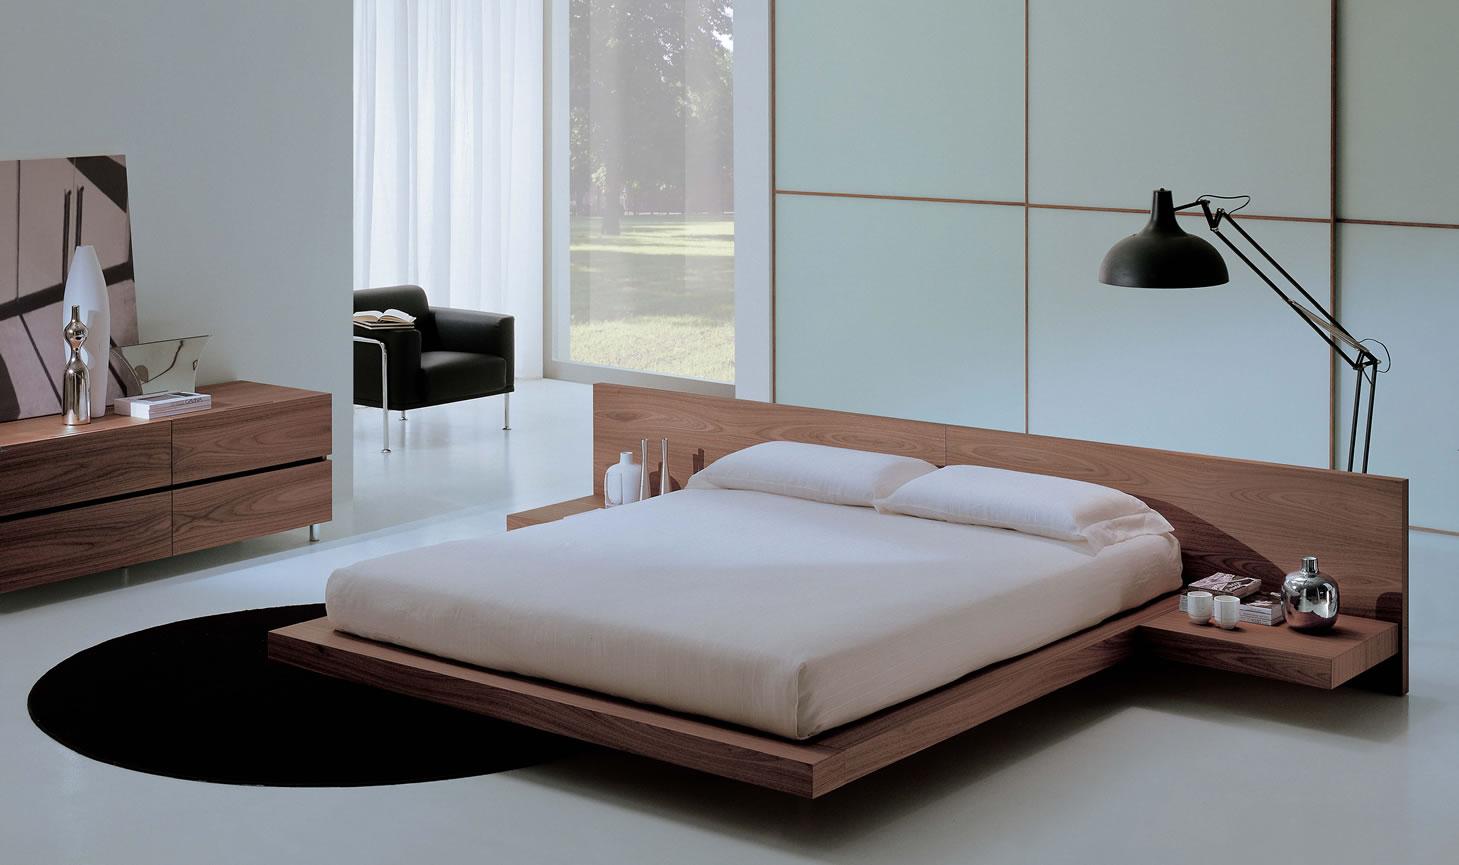 giường ngủ hiện đại 20